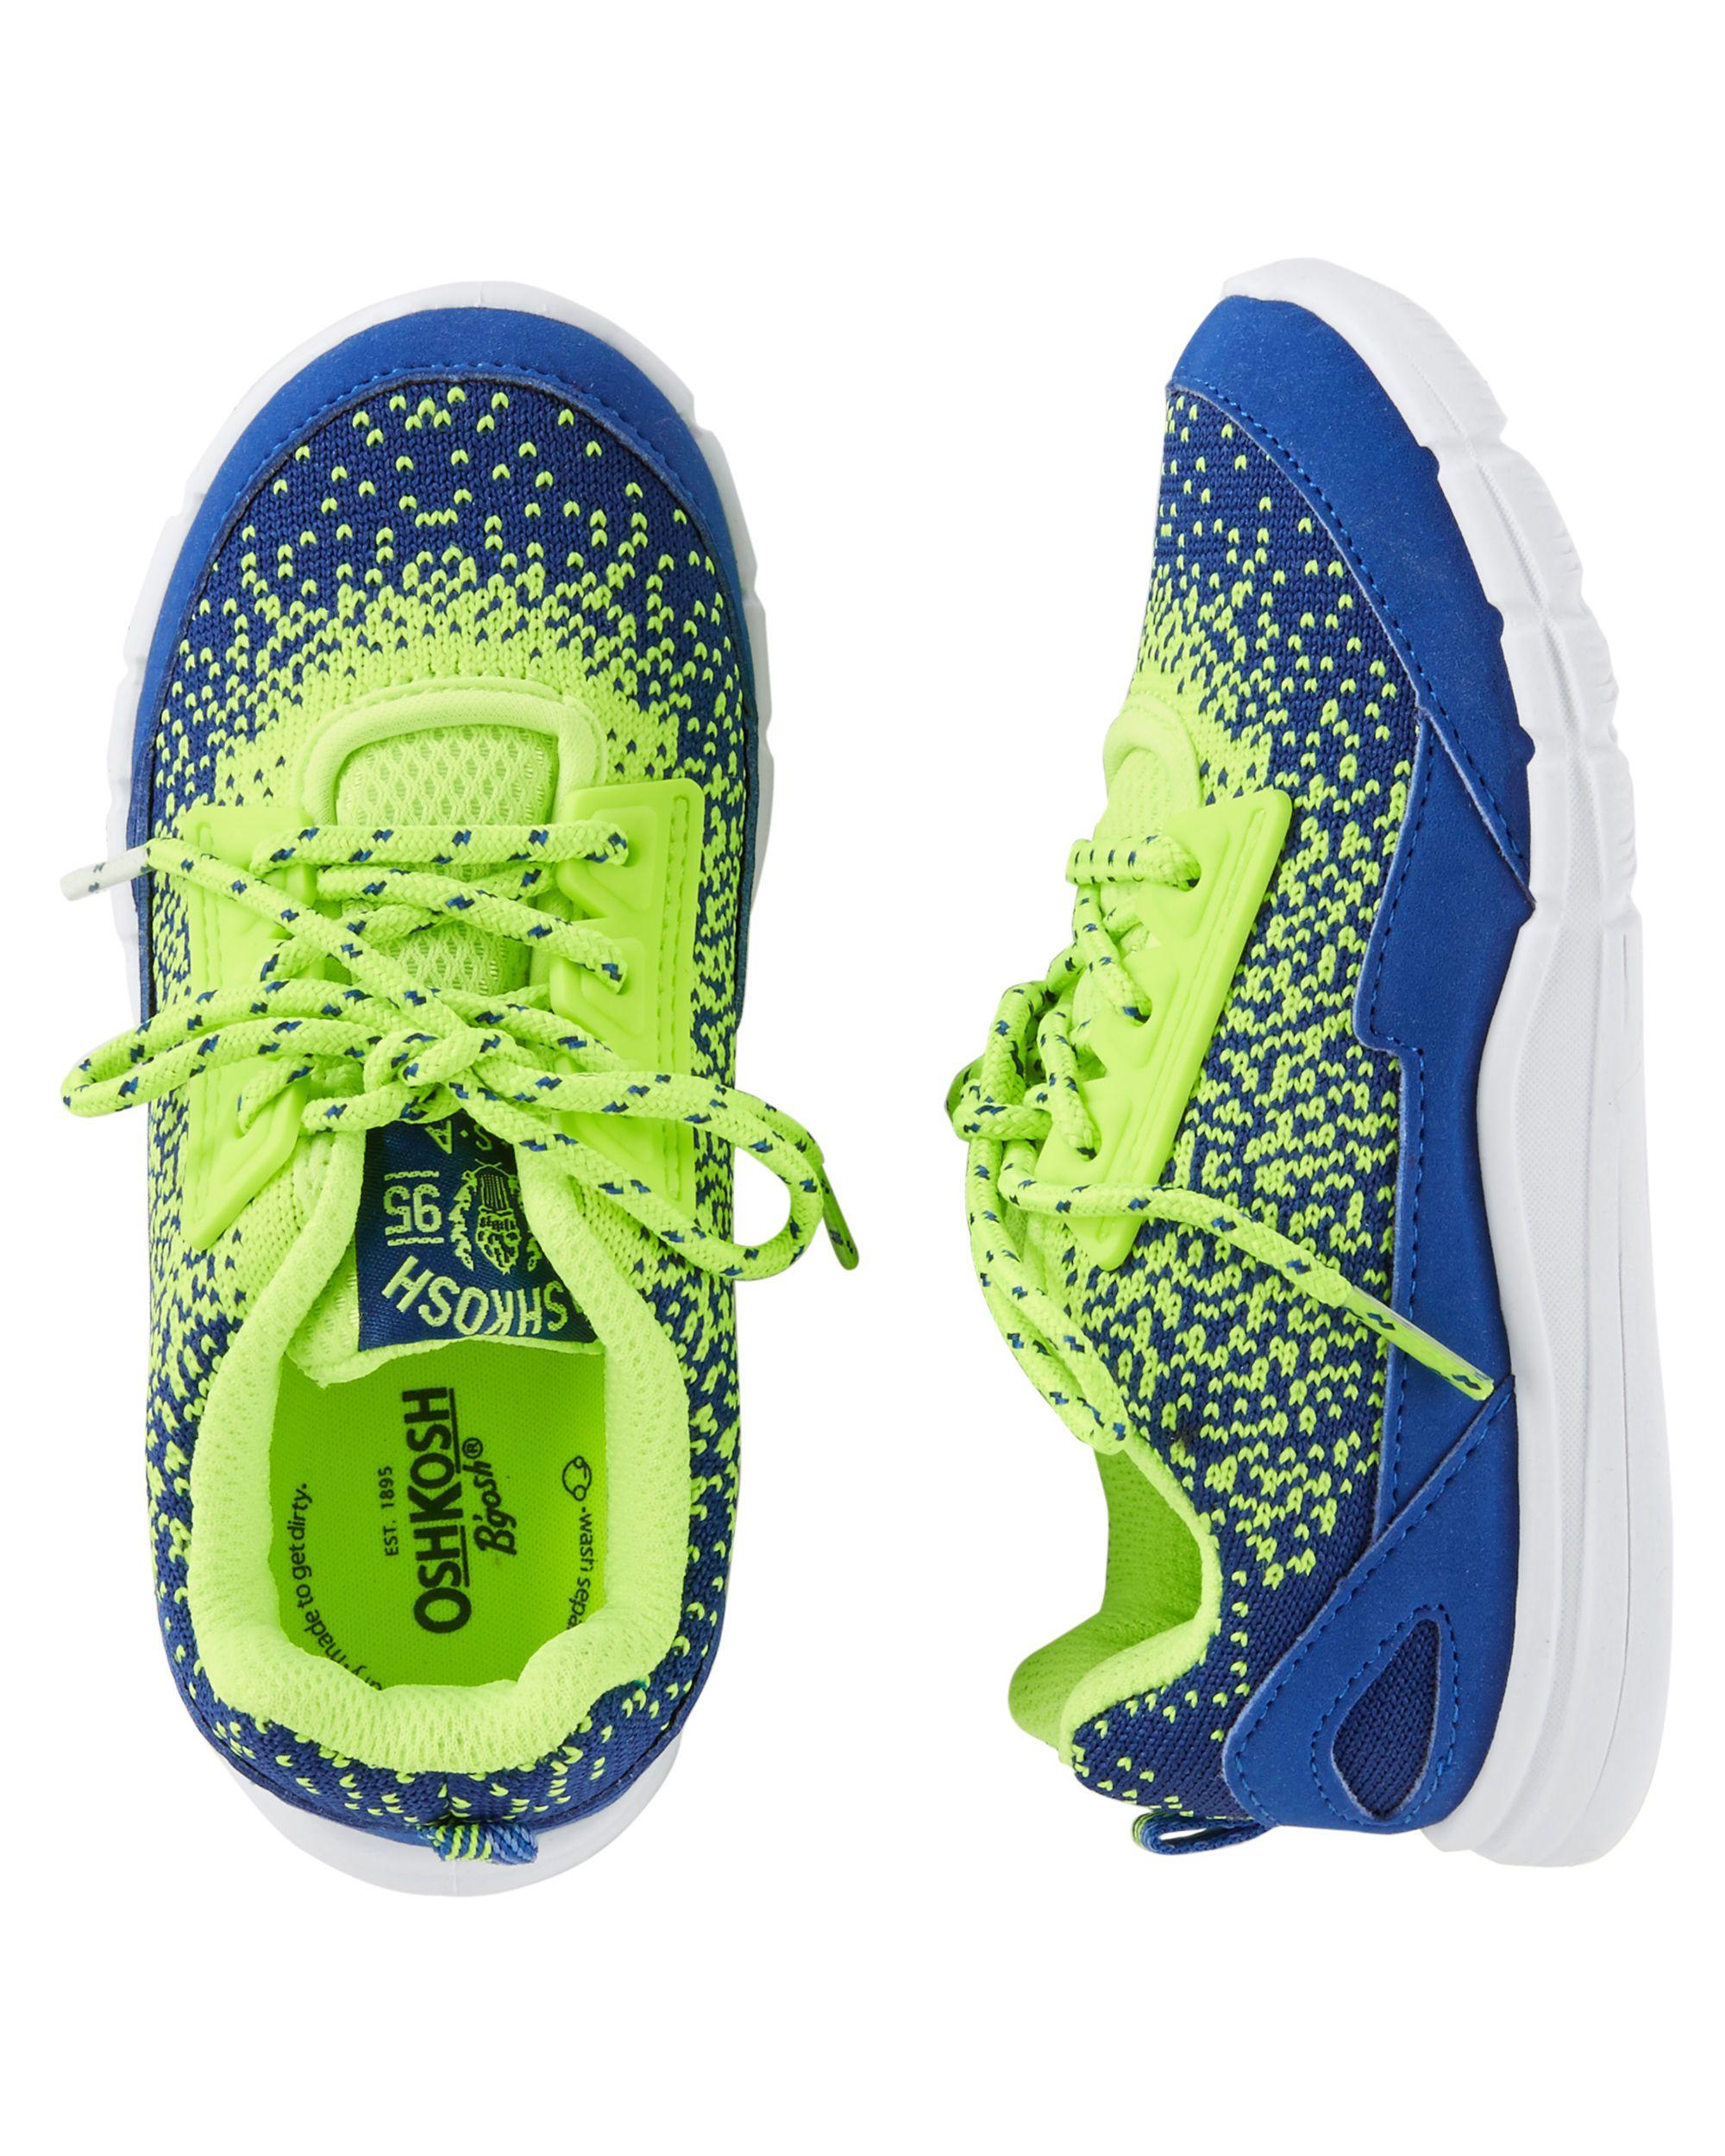 Athletic Sneakers | Boy shoes, Baby sneakers, Sneakers